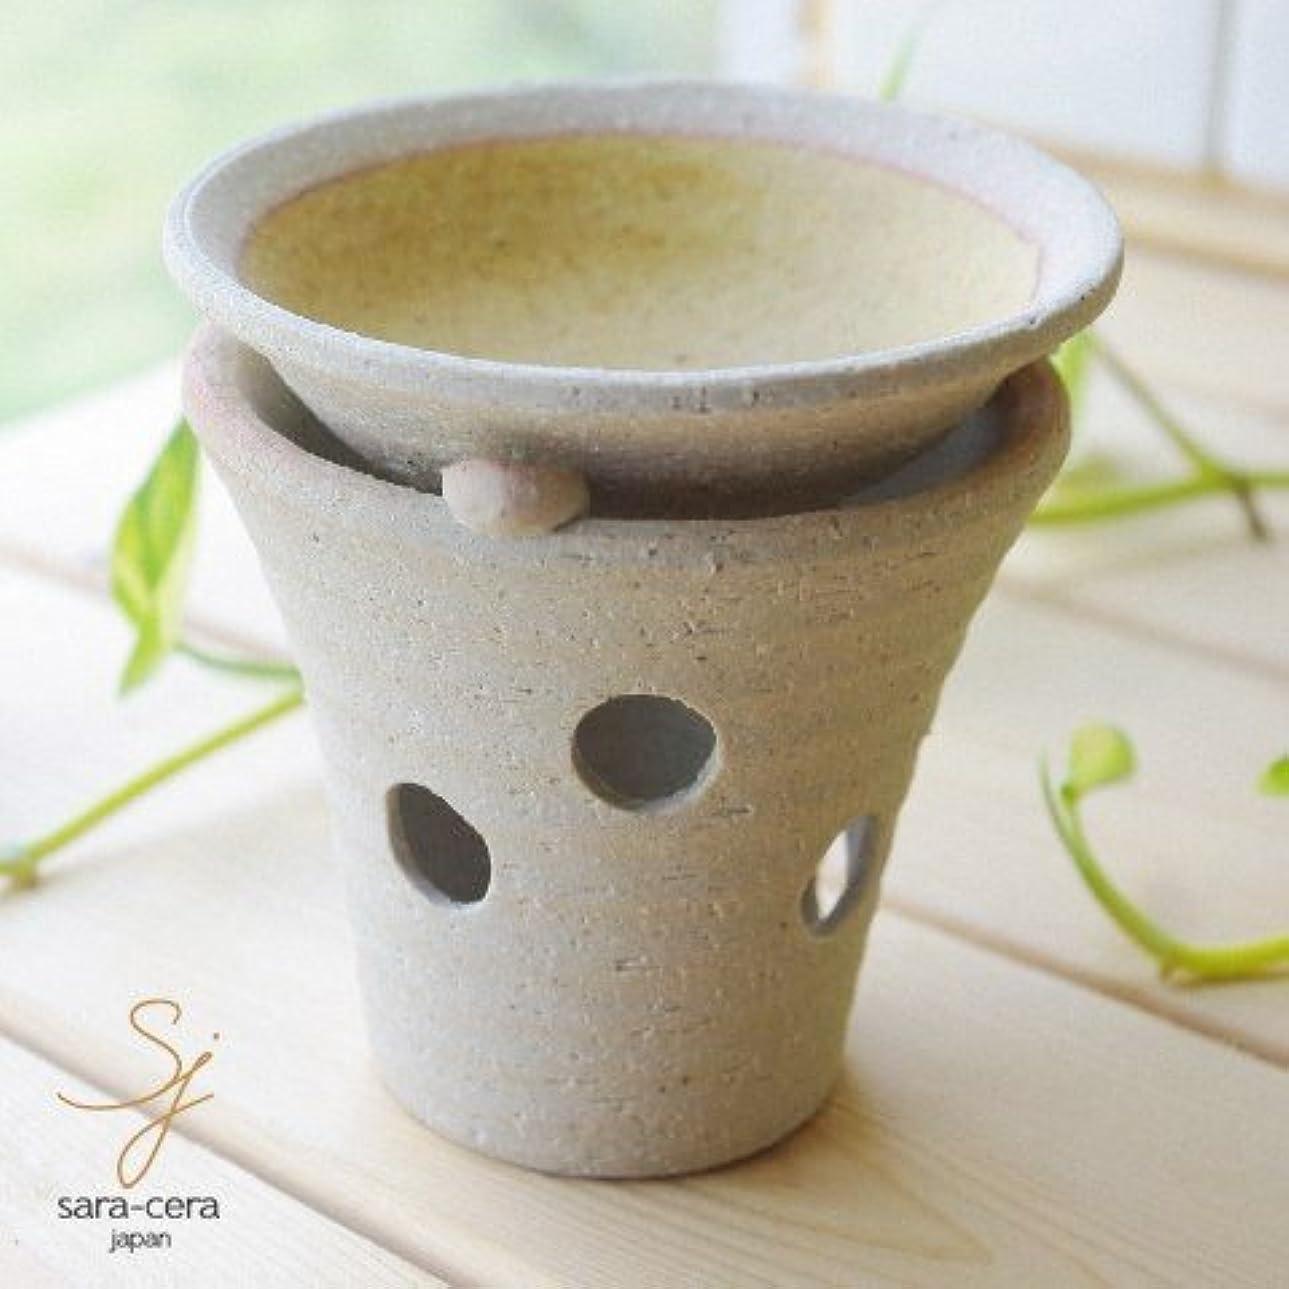 彼自身比類なき神社松助窯 手作り茶香炉セット 黄釉 イエロー アロマ 和食器 リビング